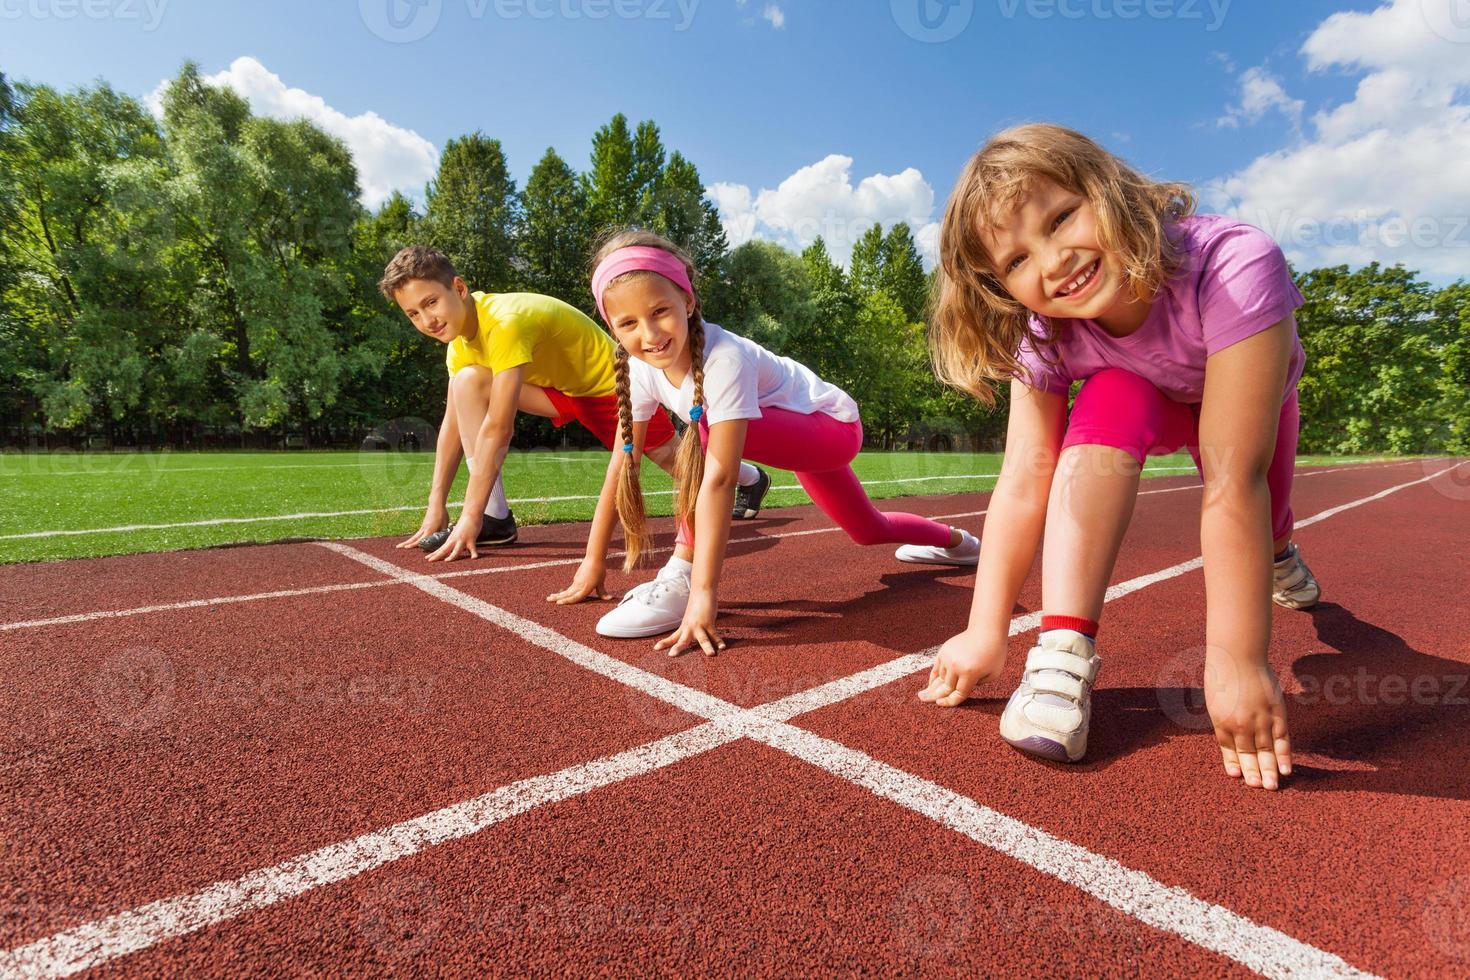 drei lächelnde Kinder in Bereitschaftsposition zu rennen foto